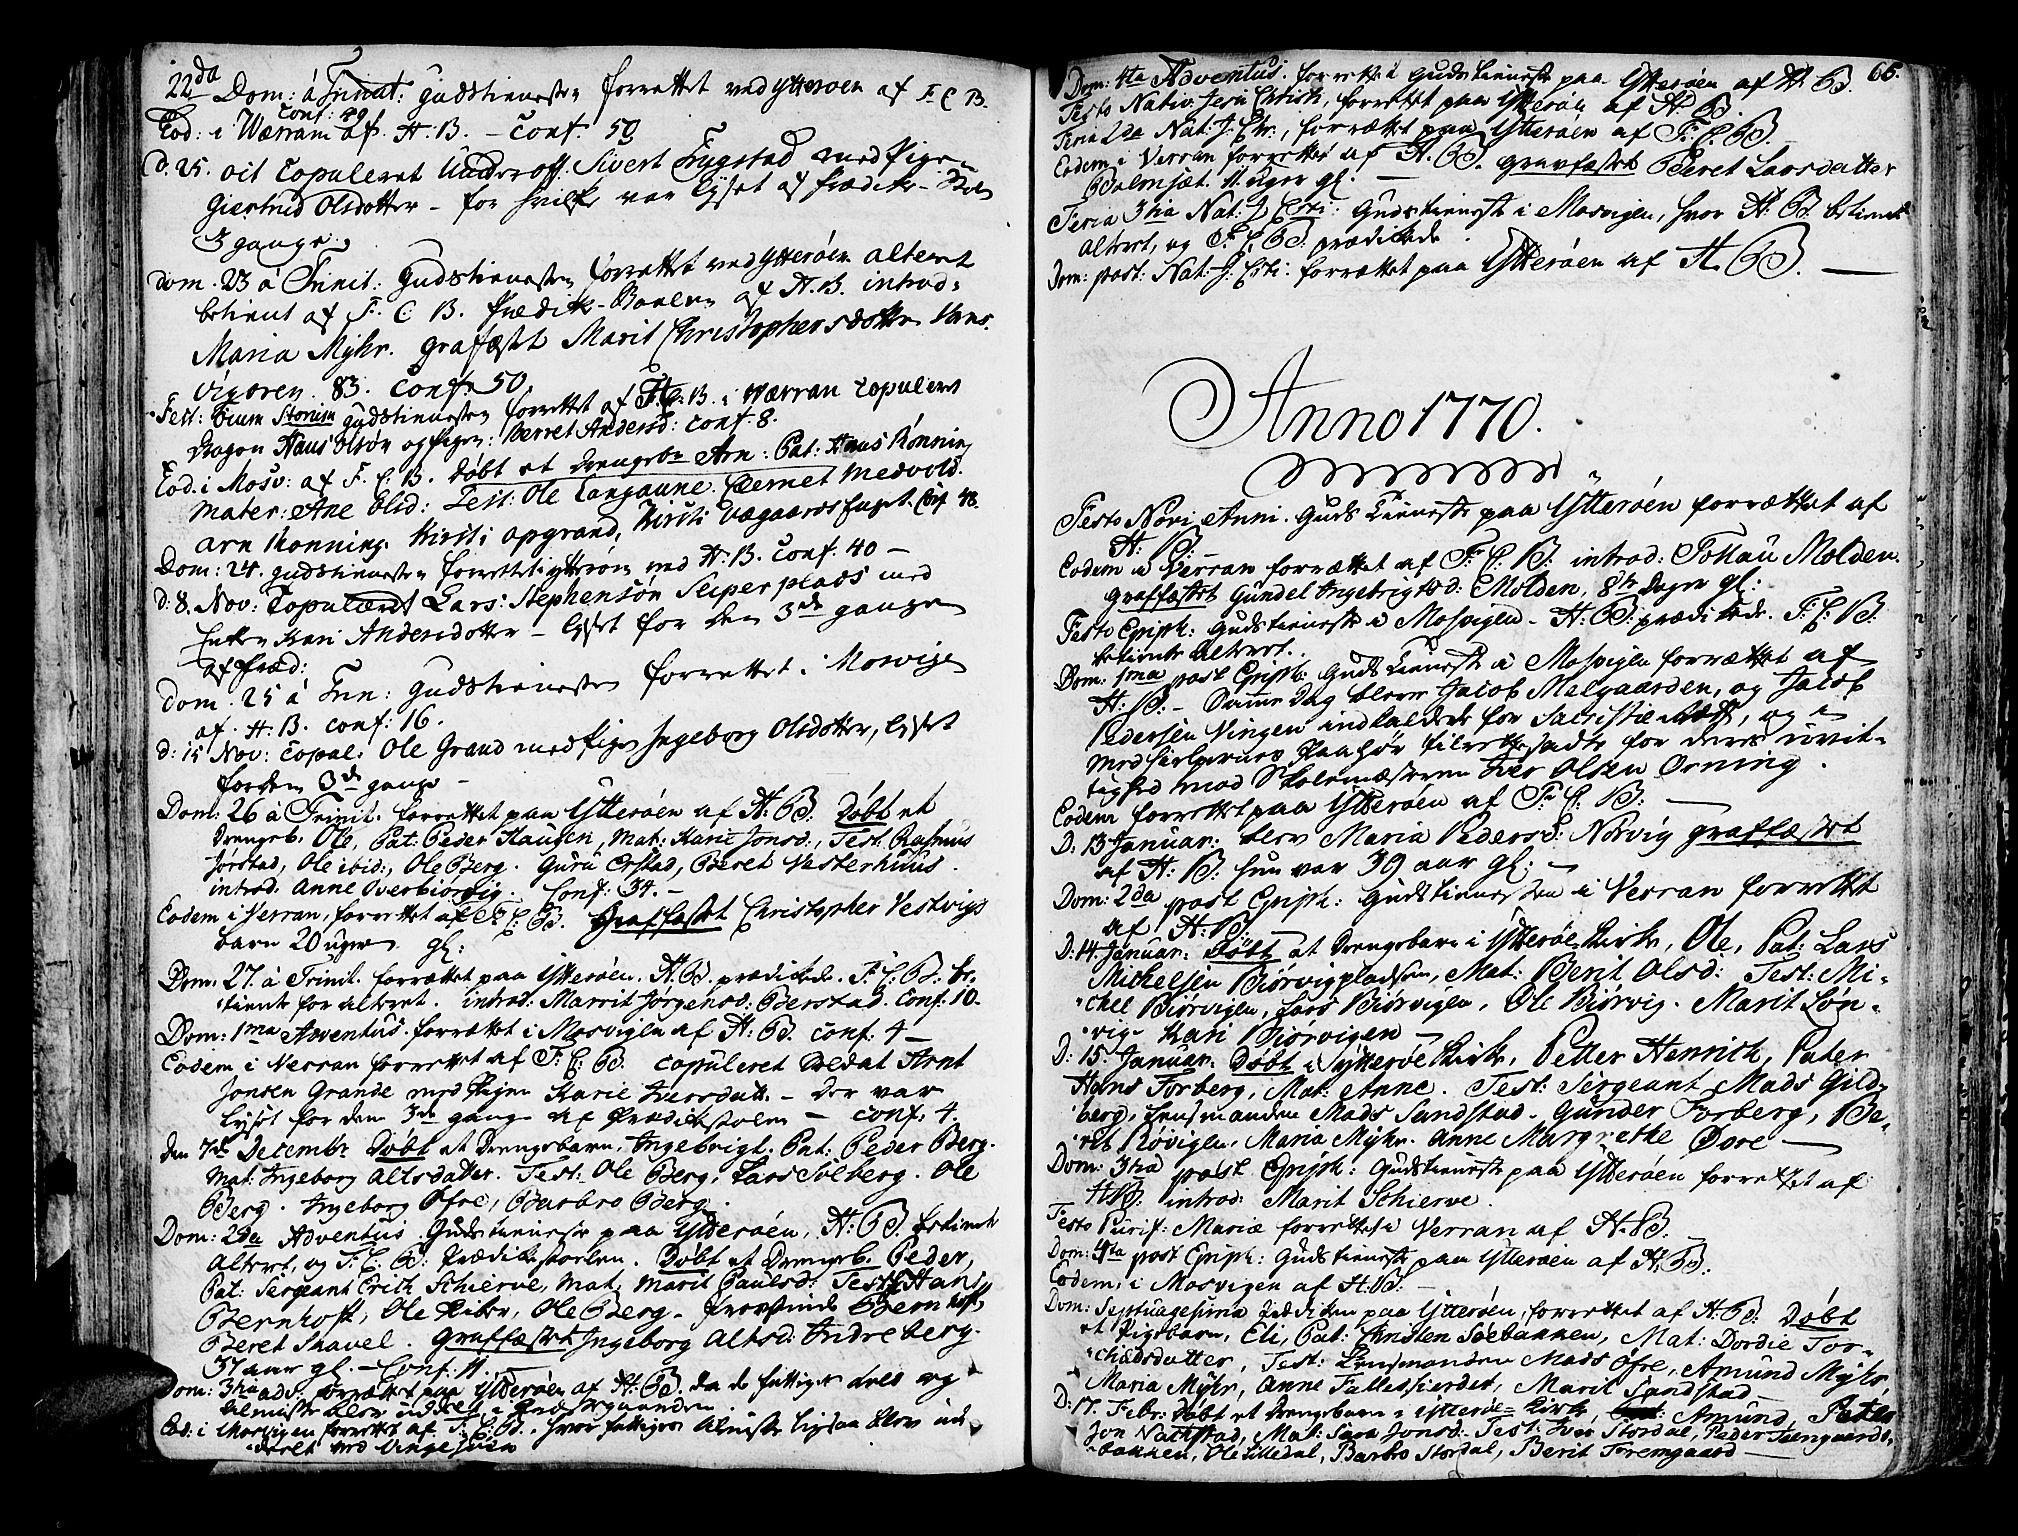 SAT, Ministerialprotokoller, klokkerbøker og fødselsregistre - Nord-Trøndelag, 722/L0216: Ministerialbok nr. 722A03, 1756-1816, s. 66